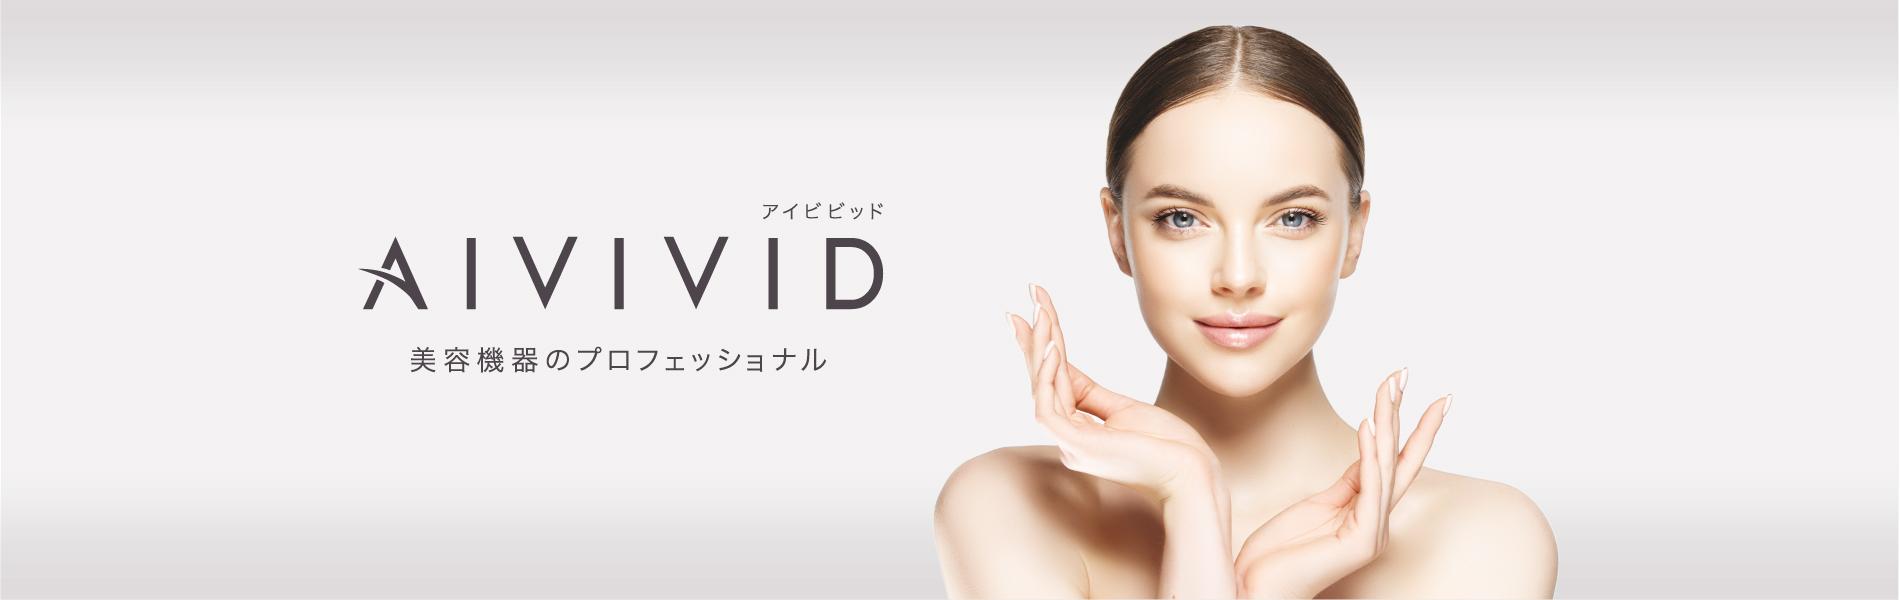 美容機器のプロフェッショナル アイビビッド